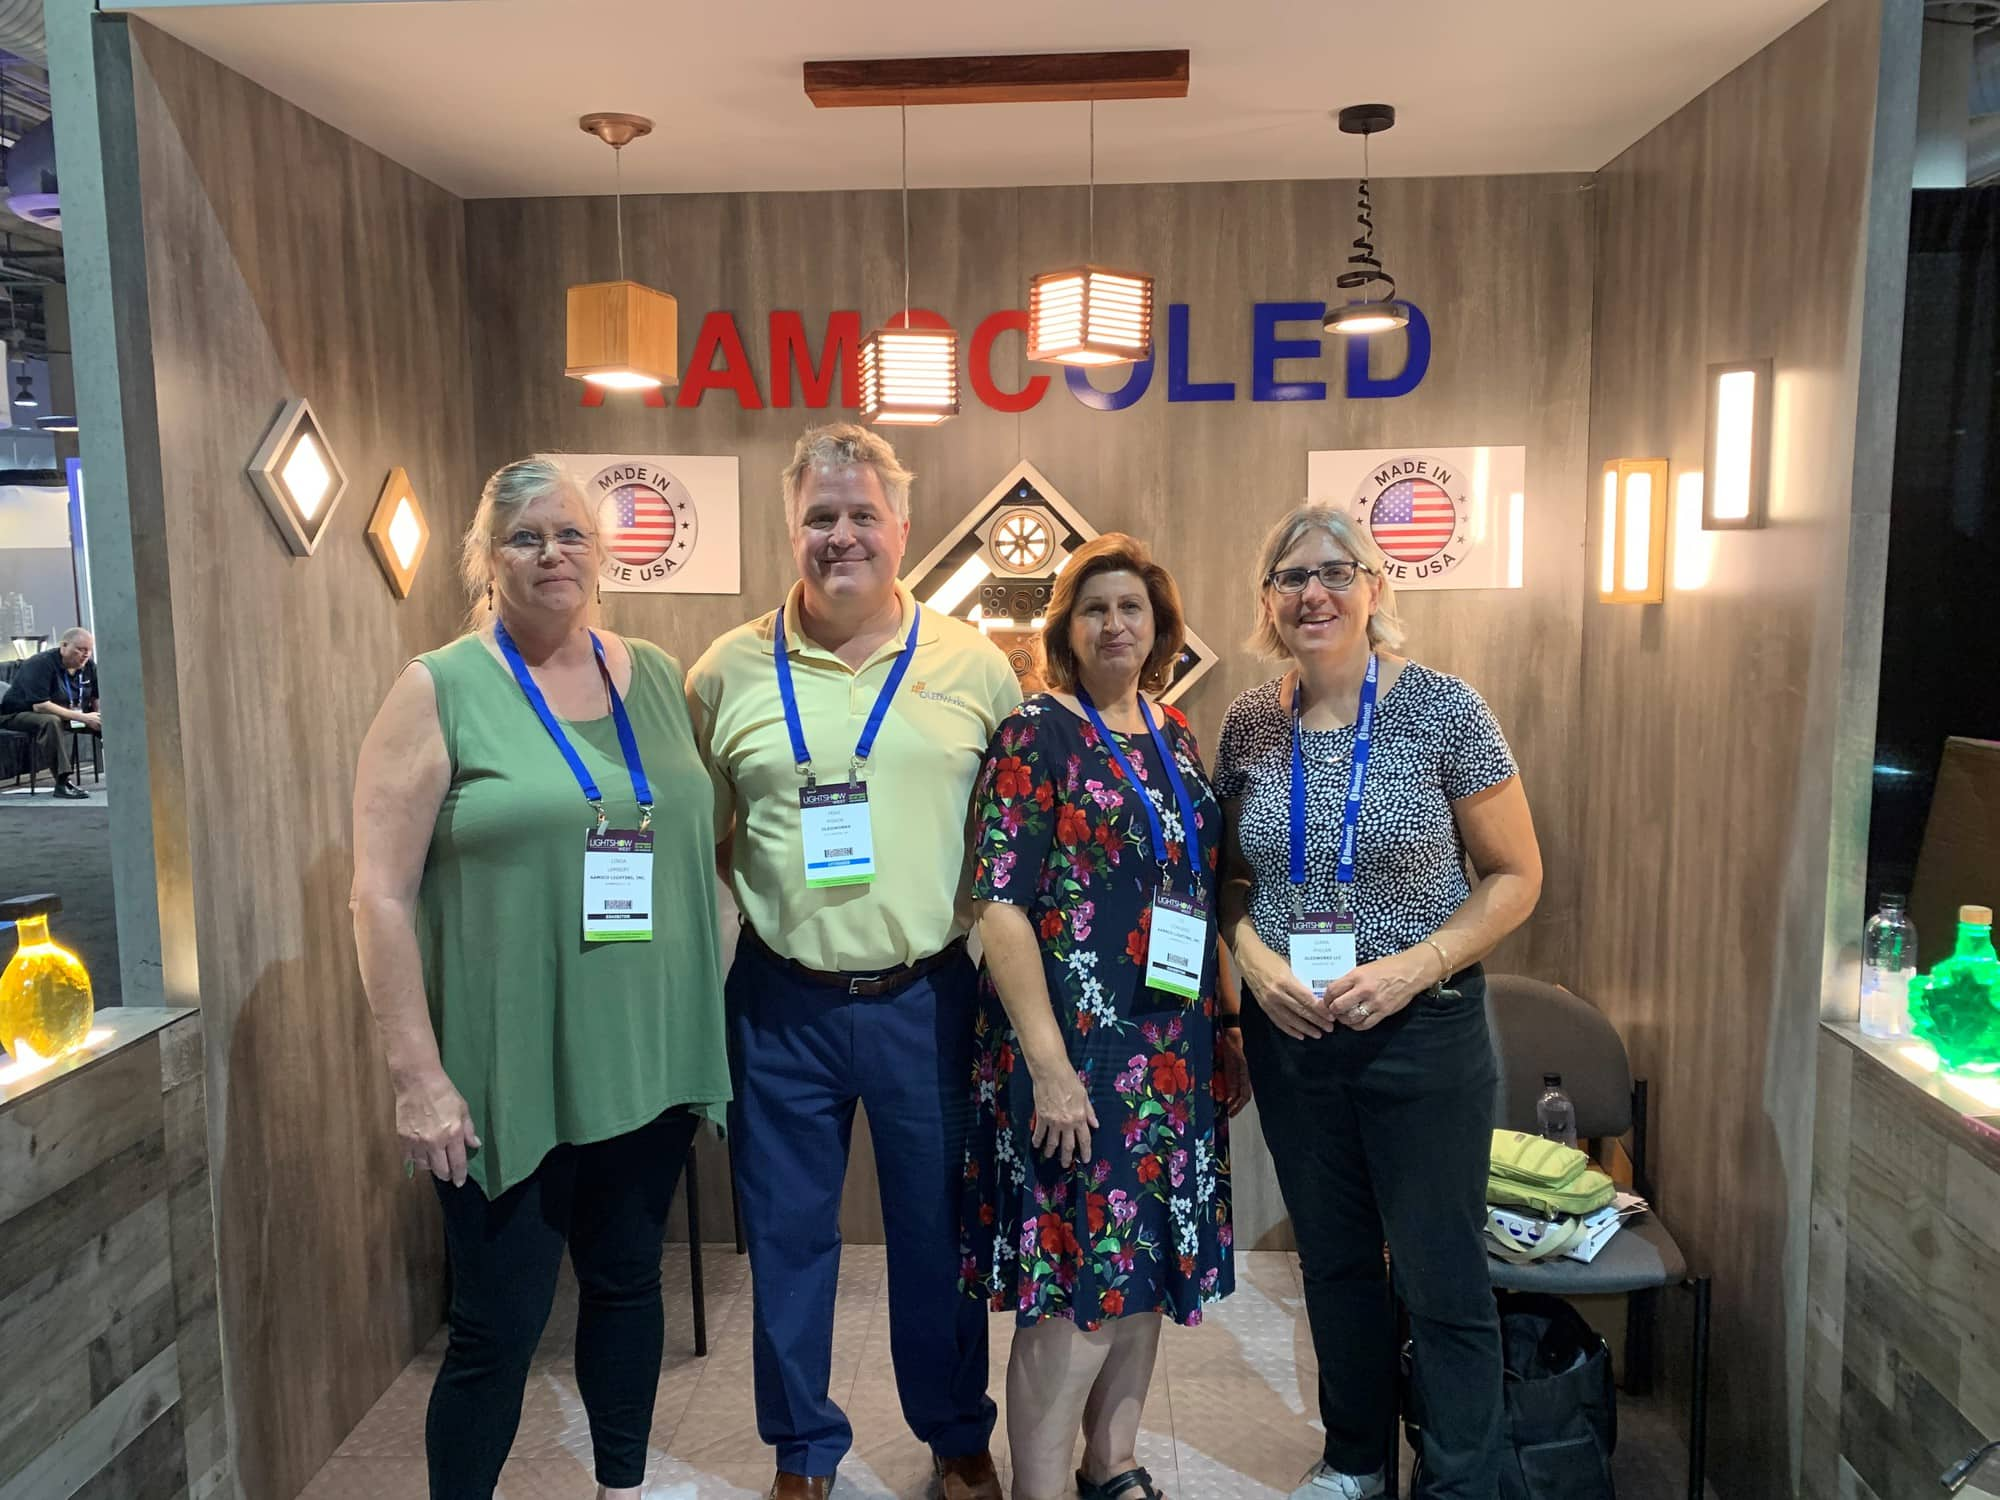 OLEDWorks and Aamsco Lighting Teams at LSW 2019 | OLEDWorks